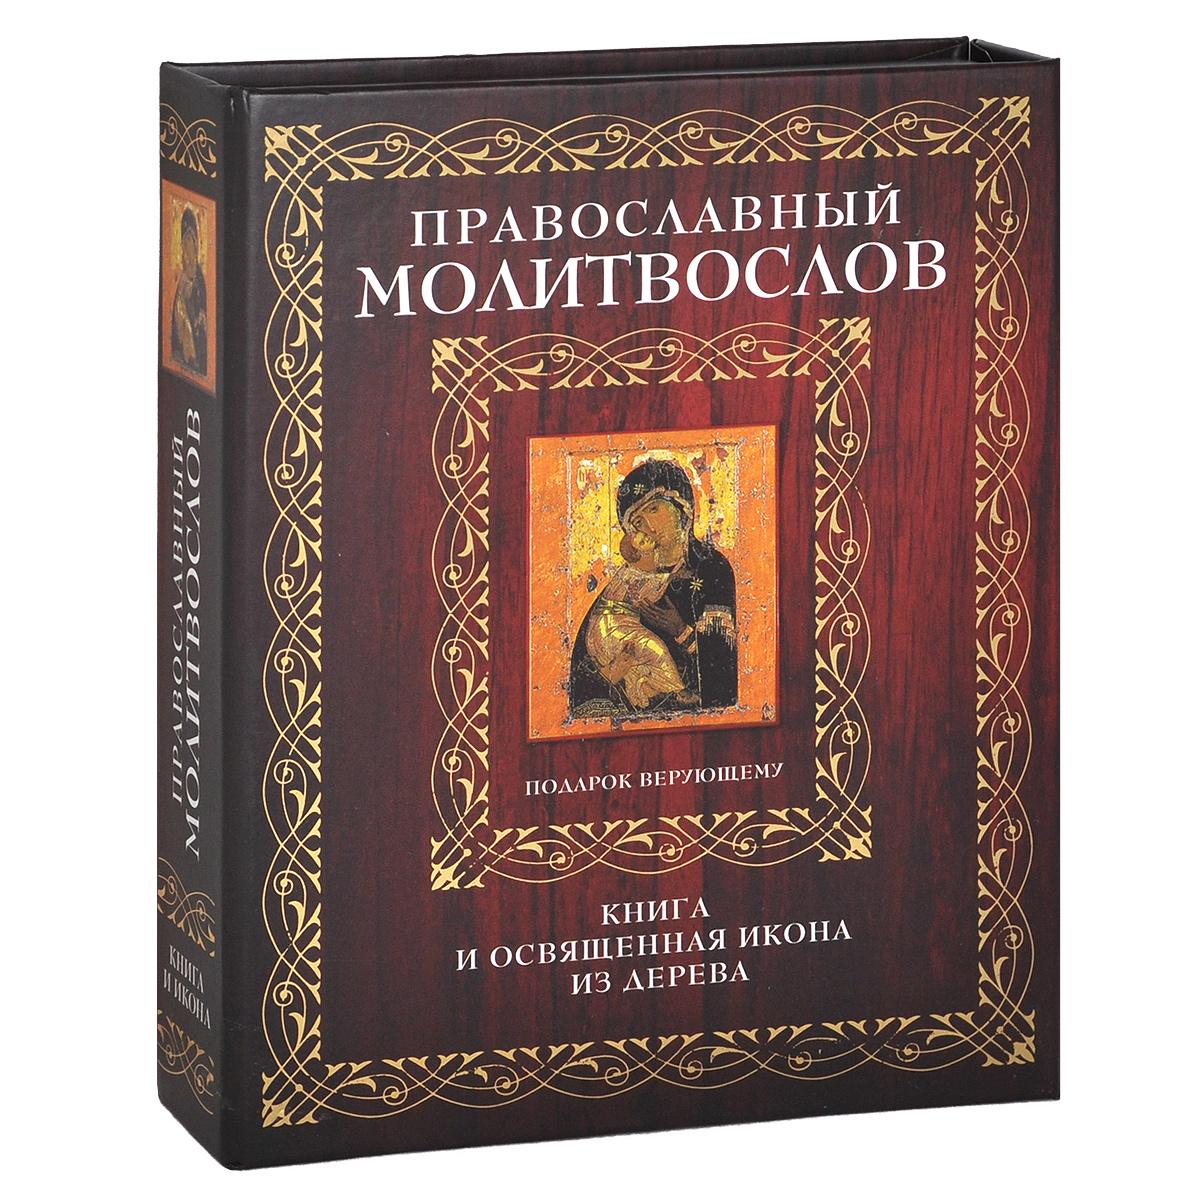 Православная Православная Православная Видео Видео Главная молитва 118